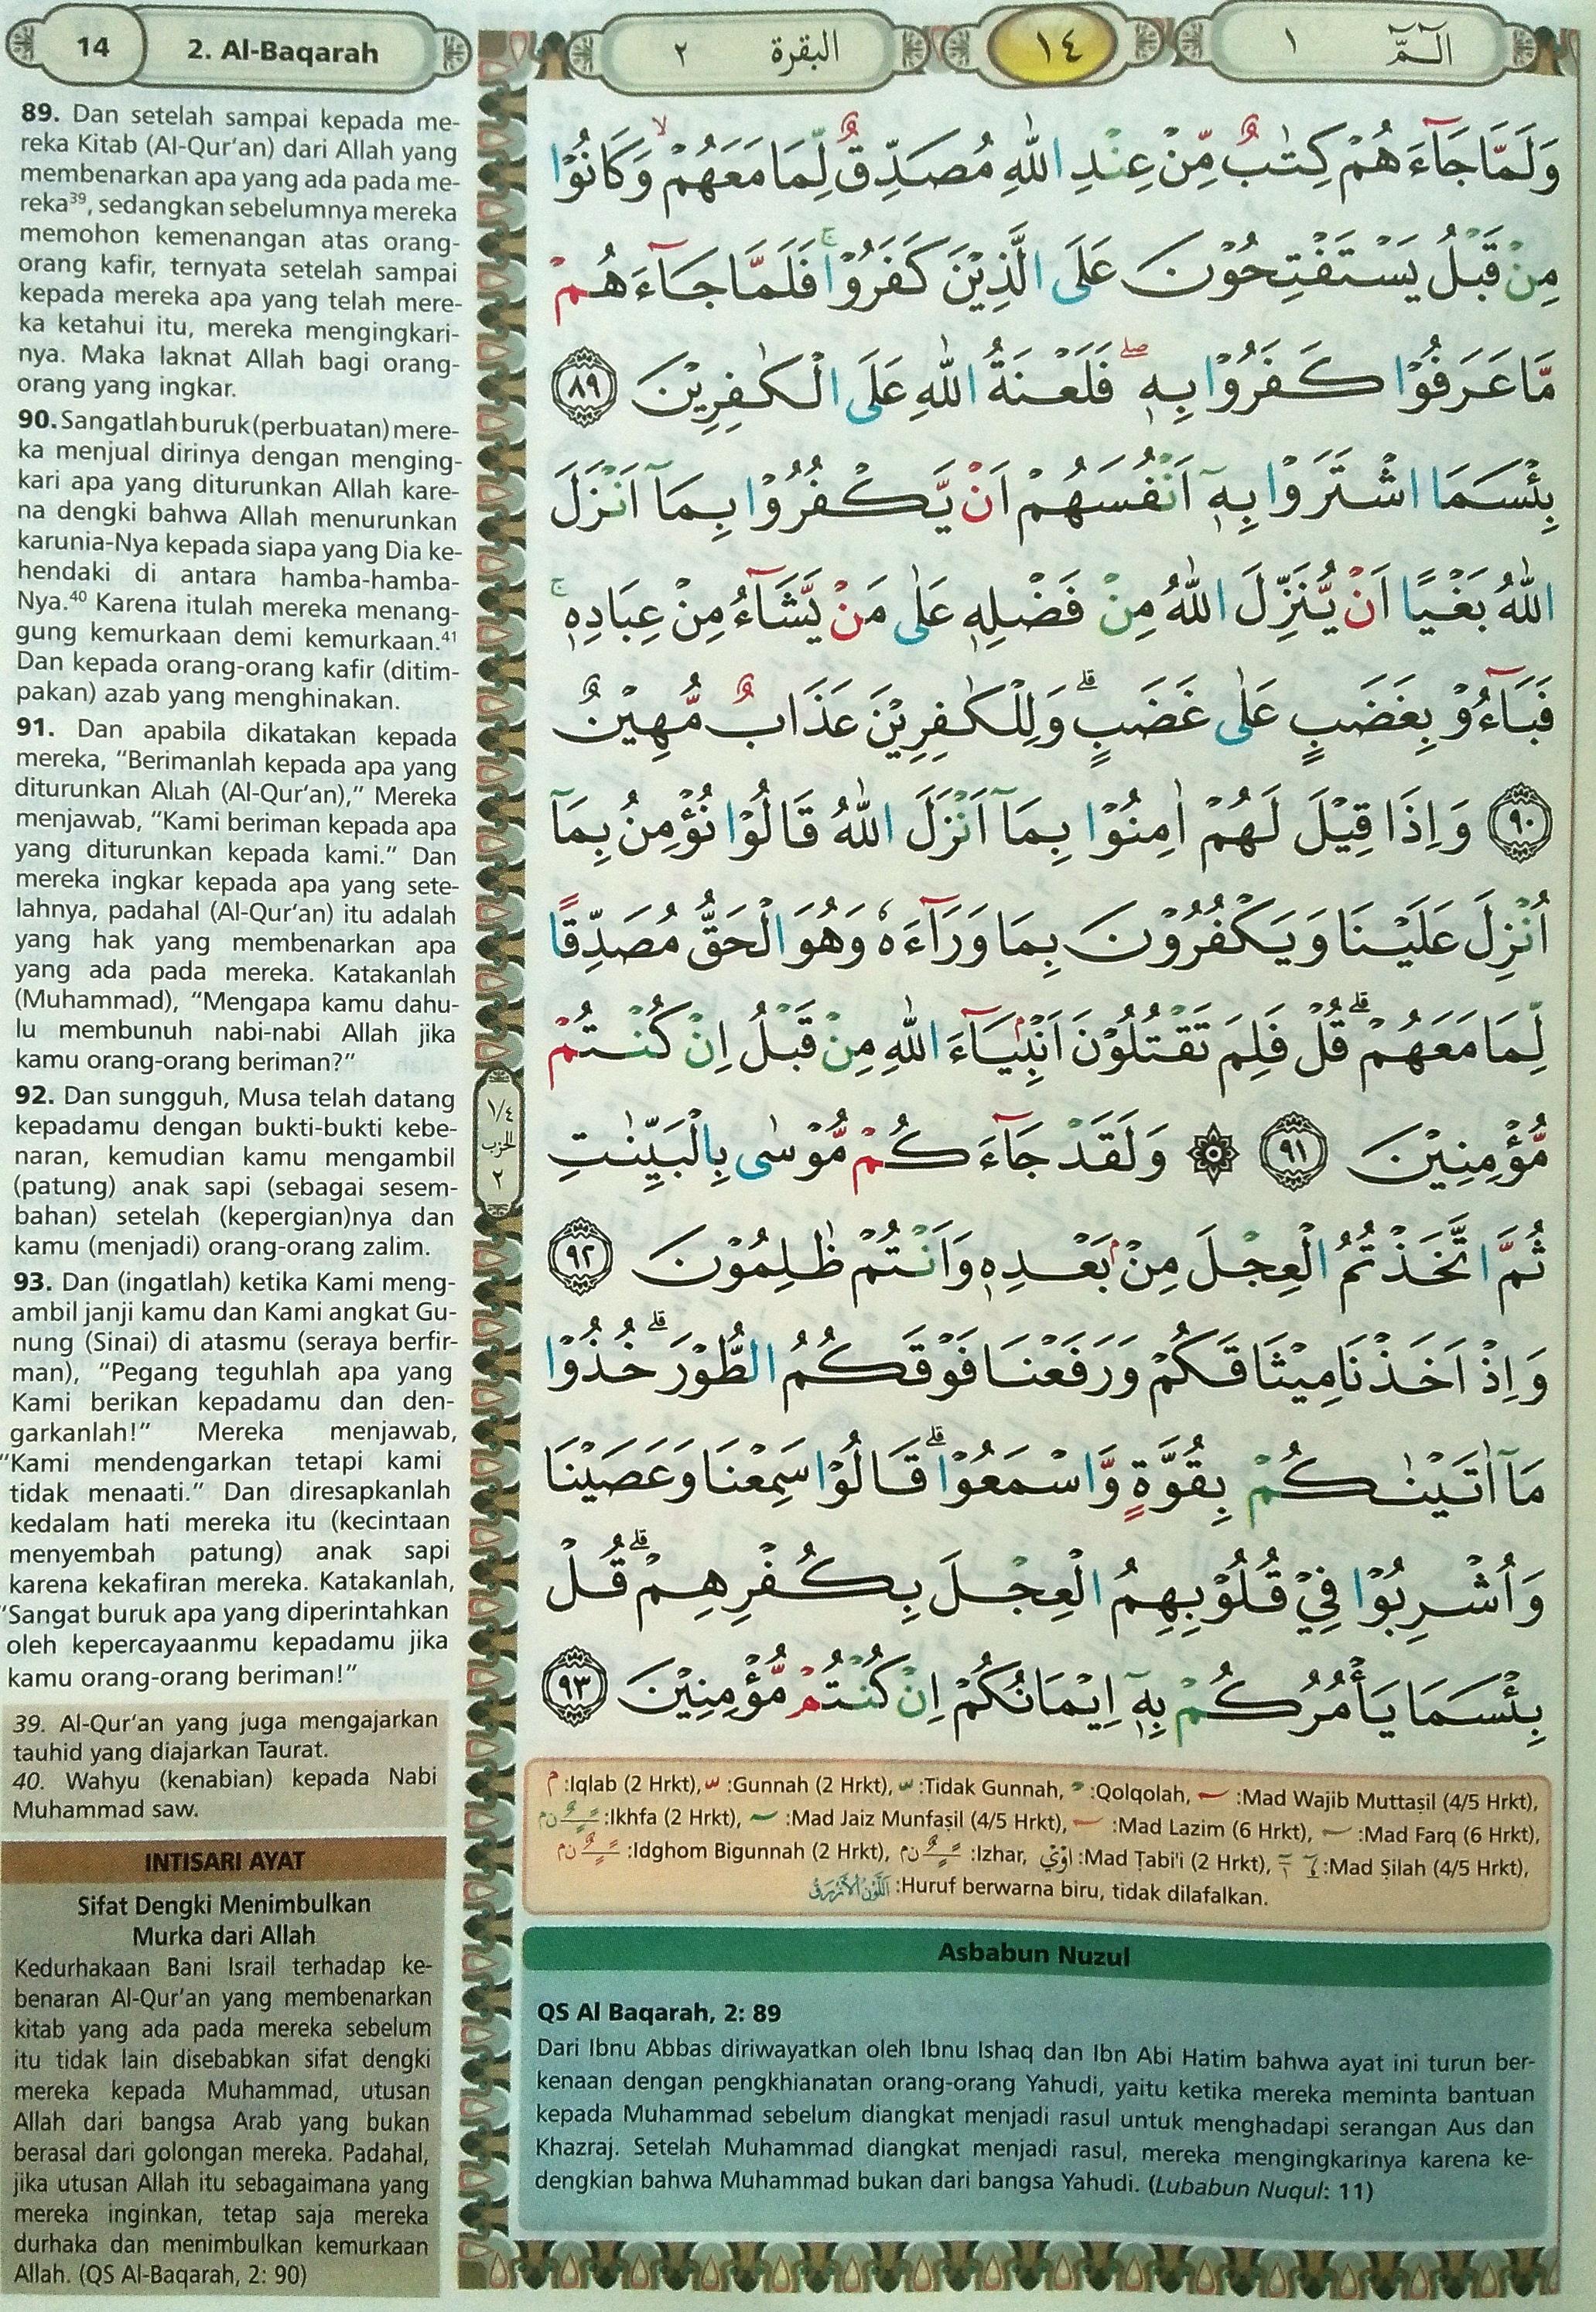 Al Baqarah 89-93